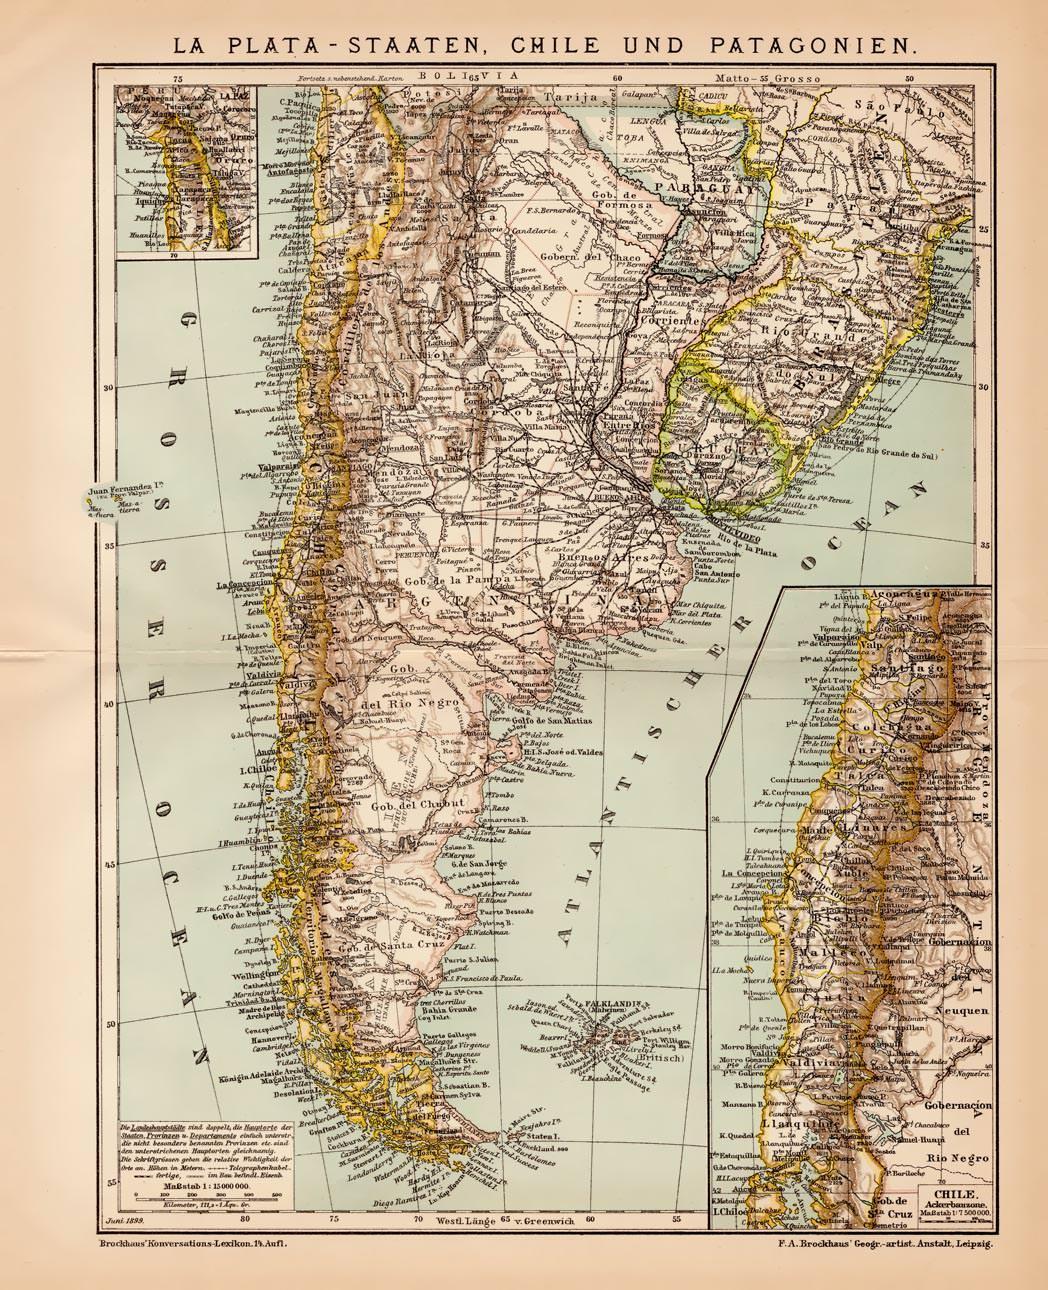 Chile Patagonien Karte.Alte Historische Landkarte Argentinien Chile